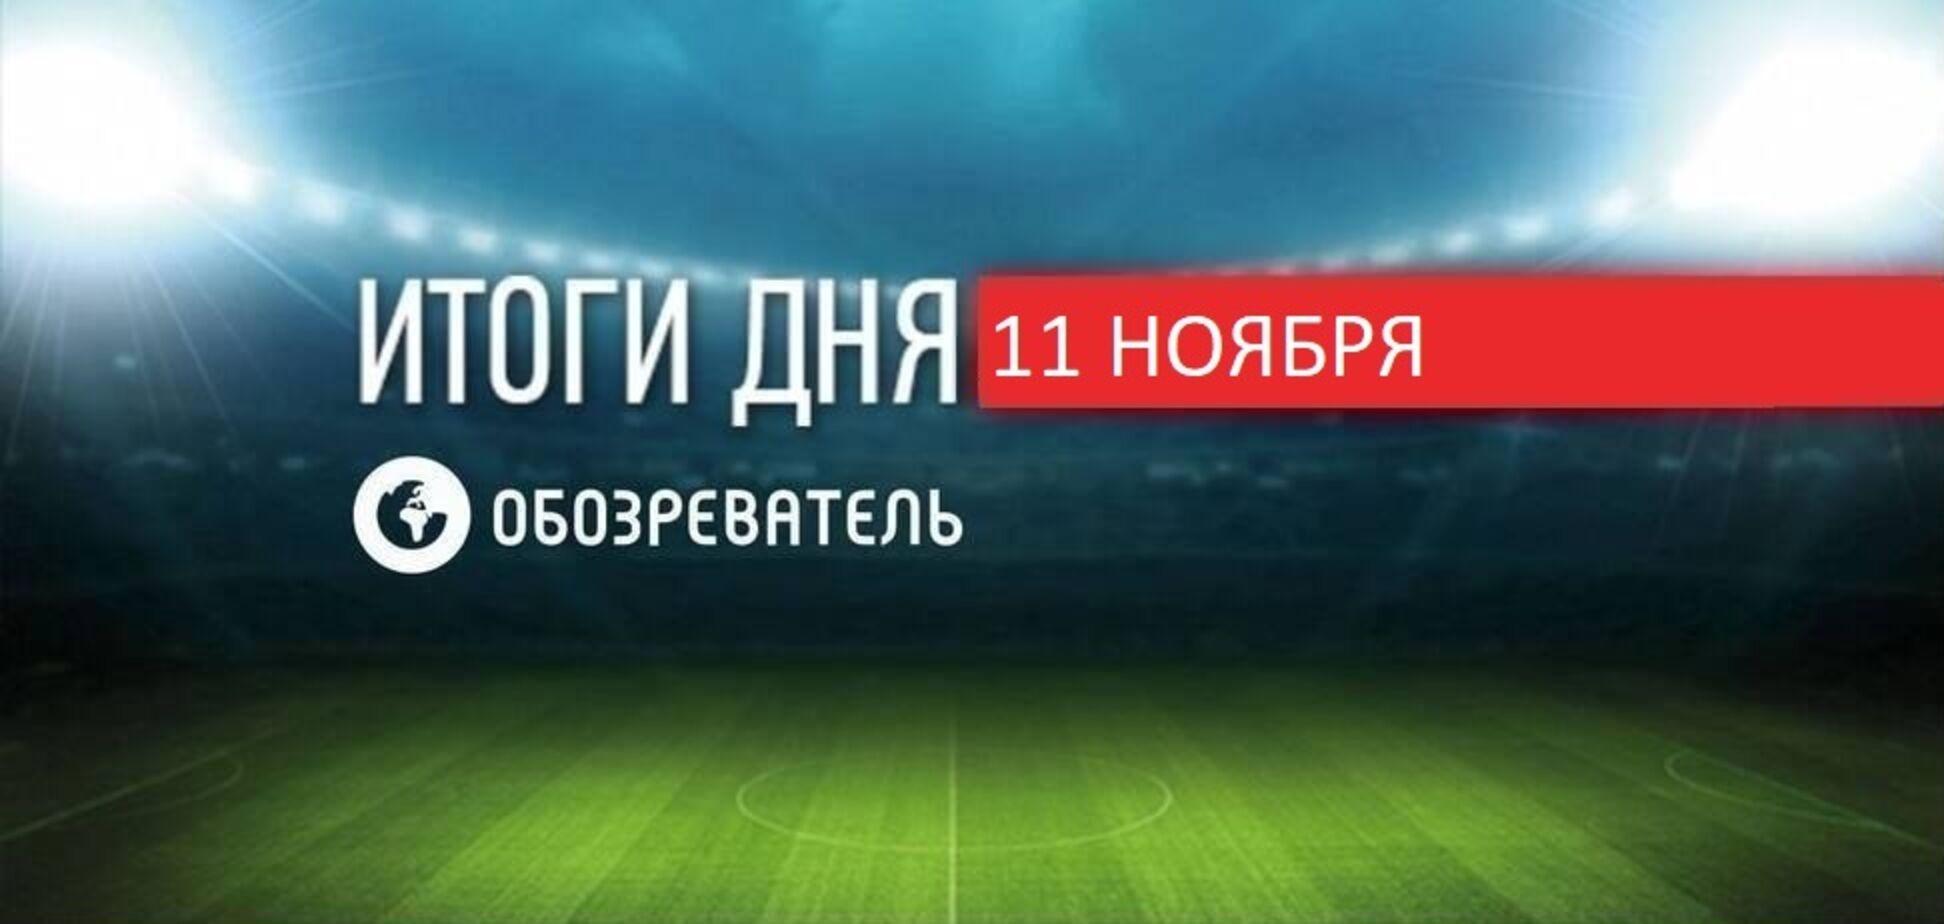 Україна програла Польщі, не забивши пенальті і пропустивши з 30 метрів: підсумки спорту 11 листопада